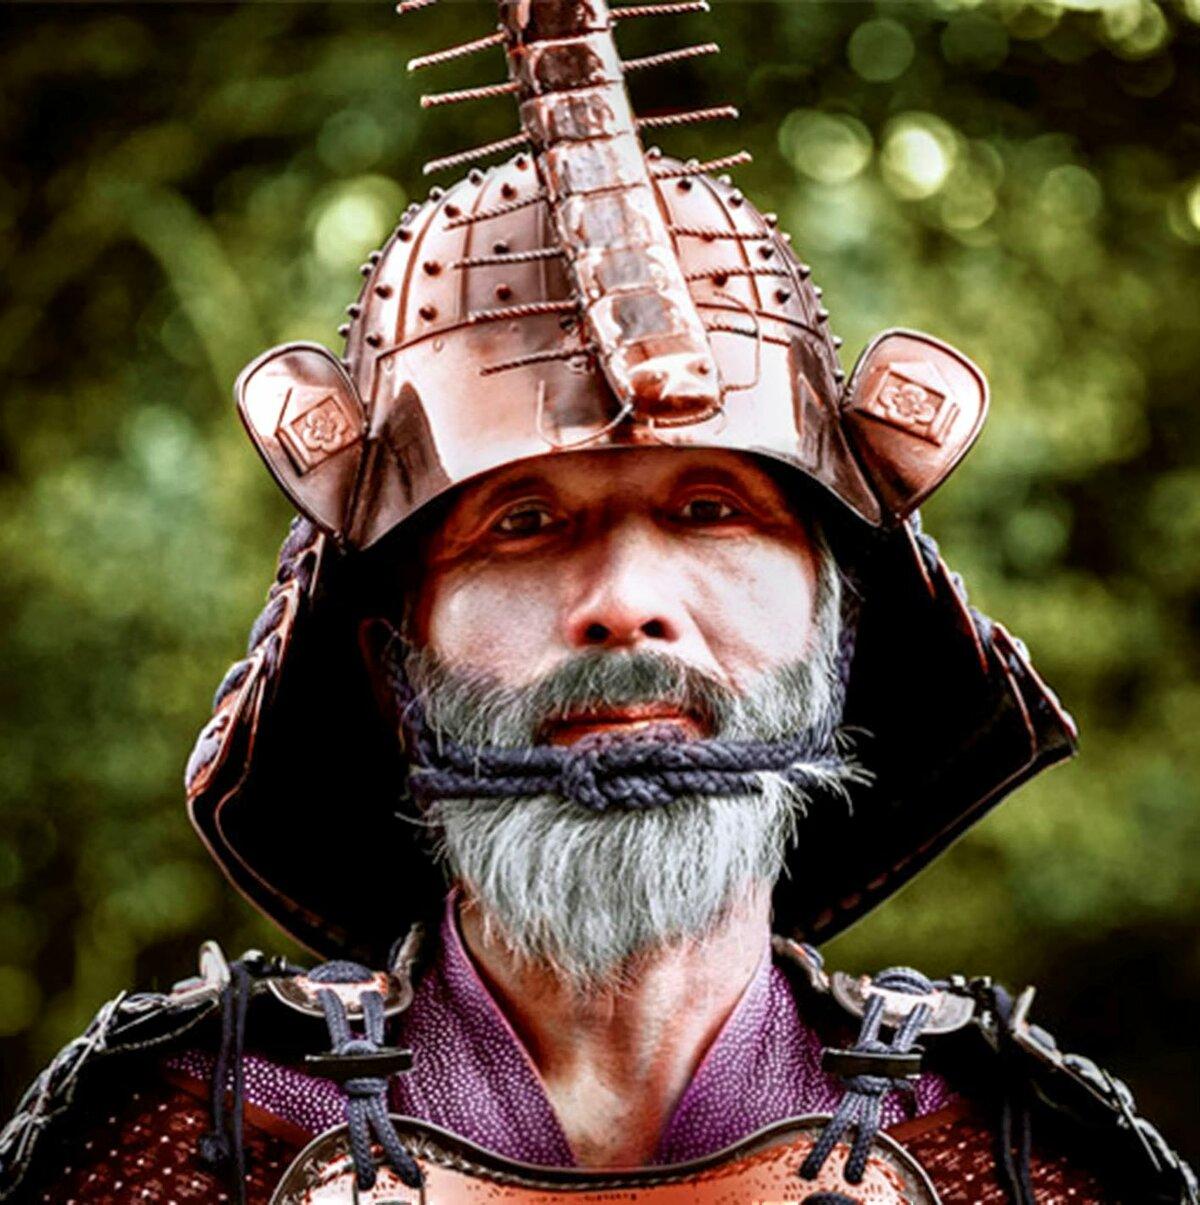 колбаса- японские самураи фото картинки лоджии присоединенное